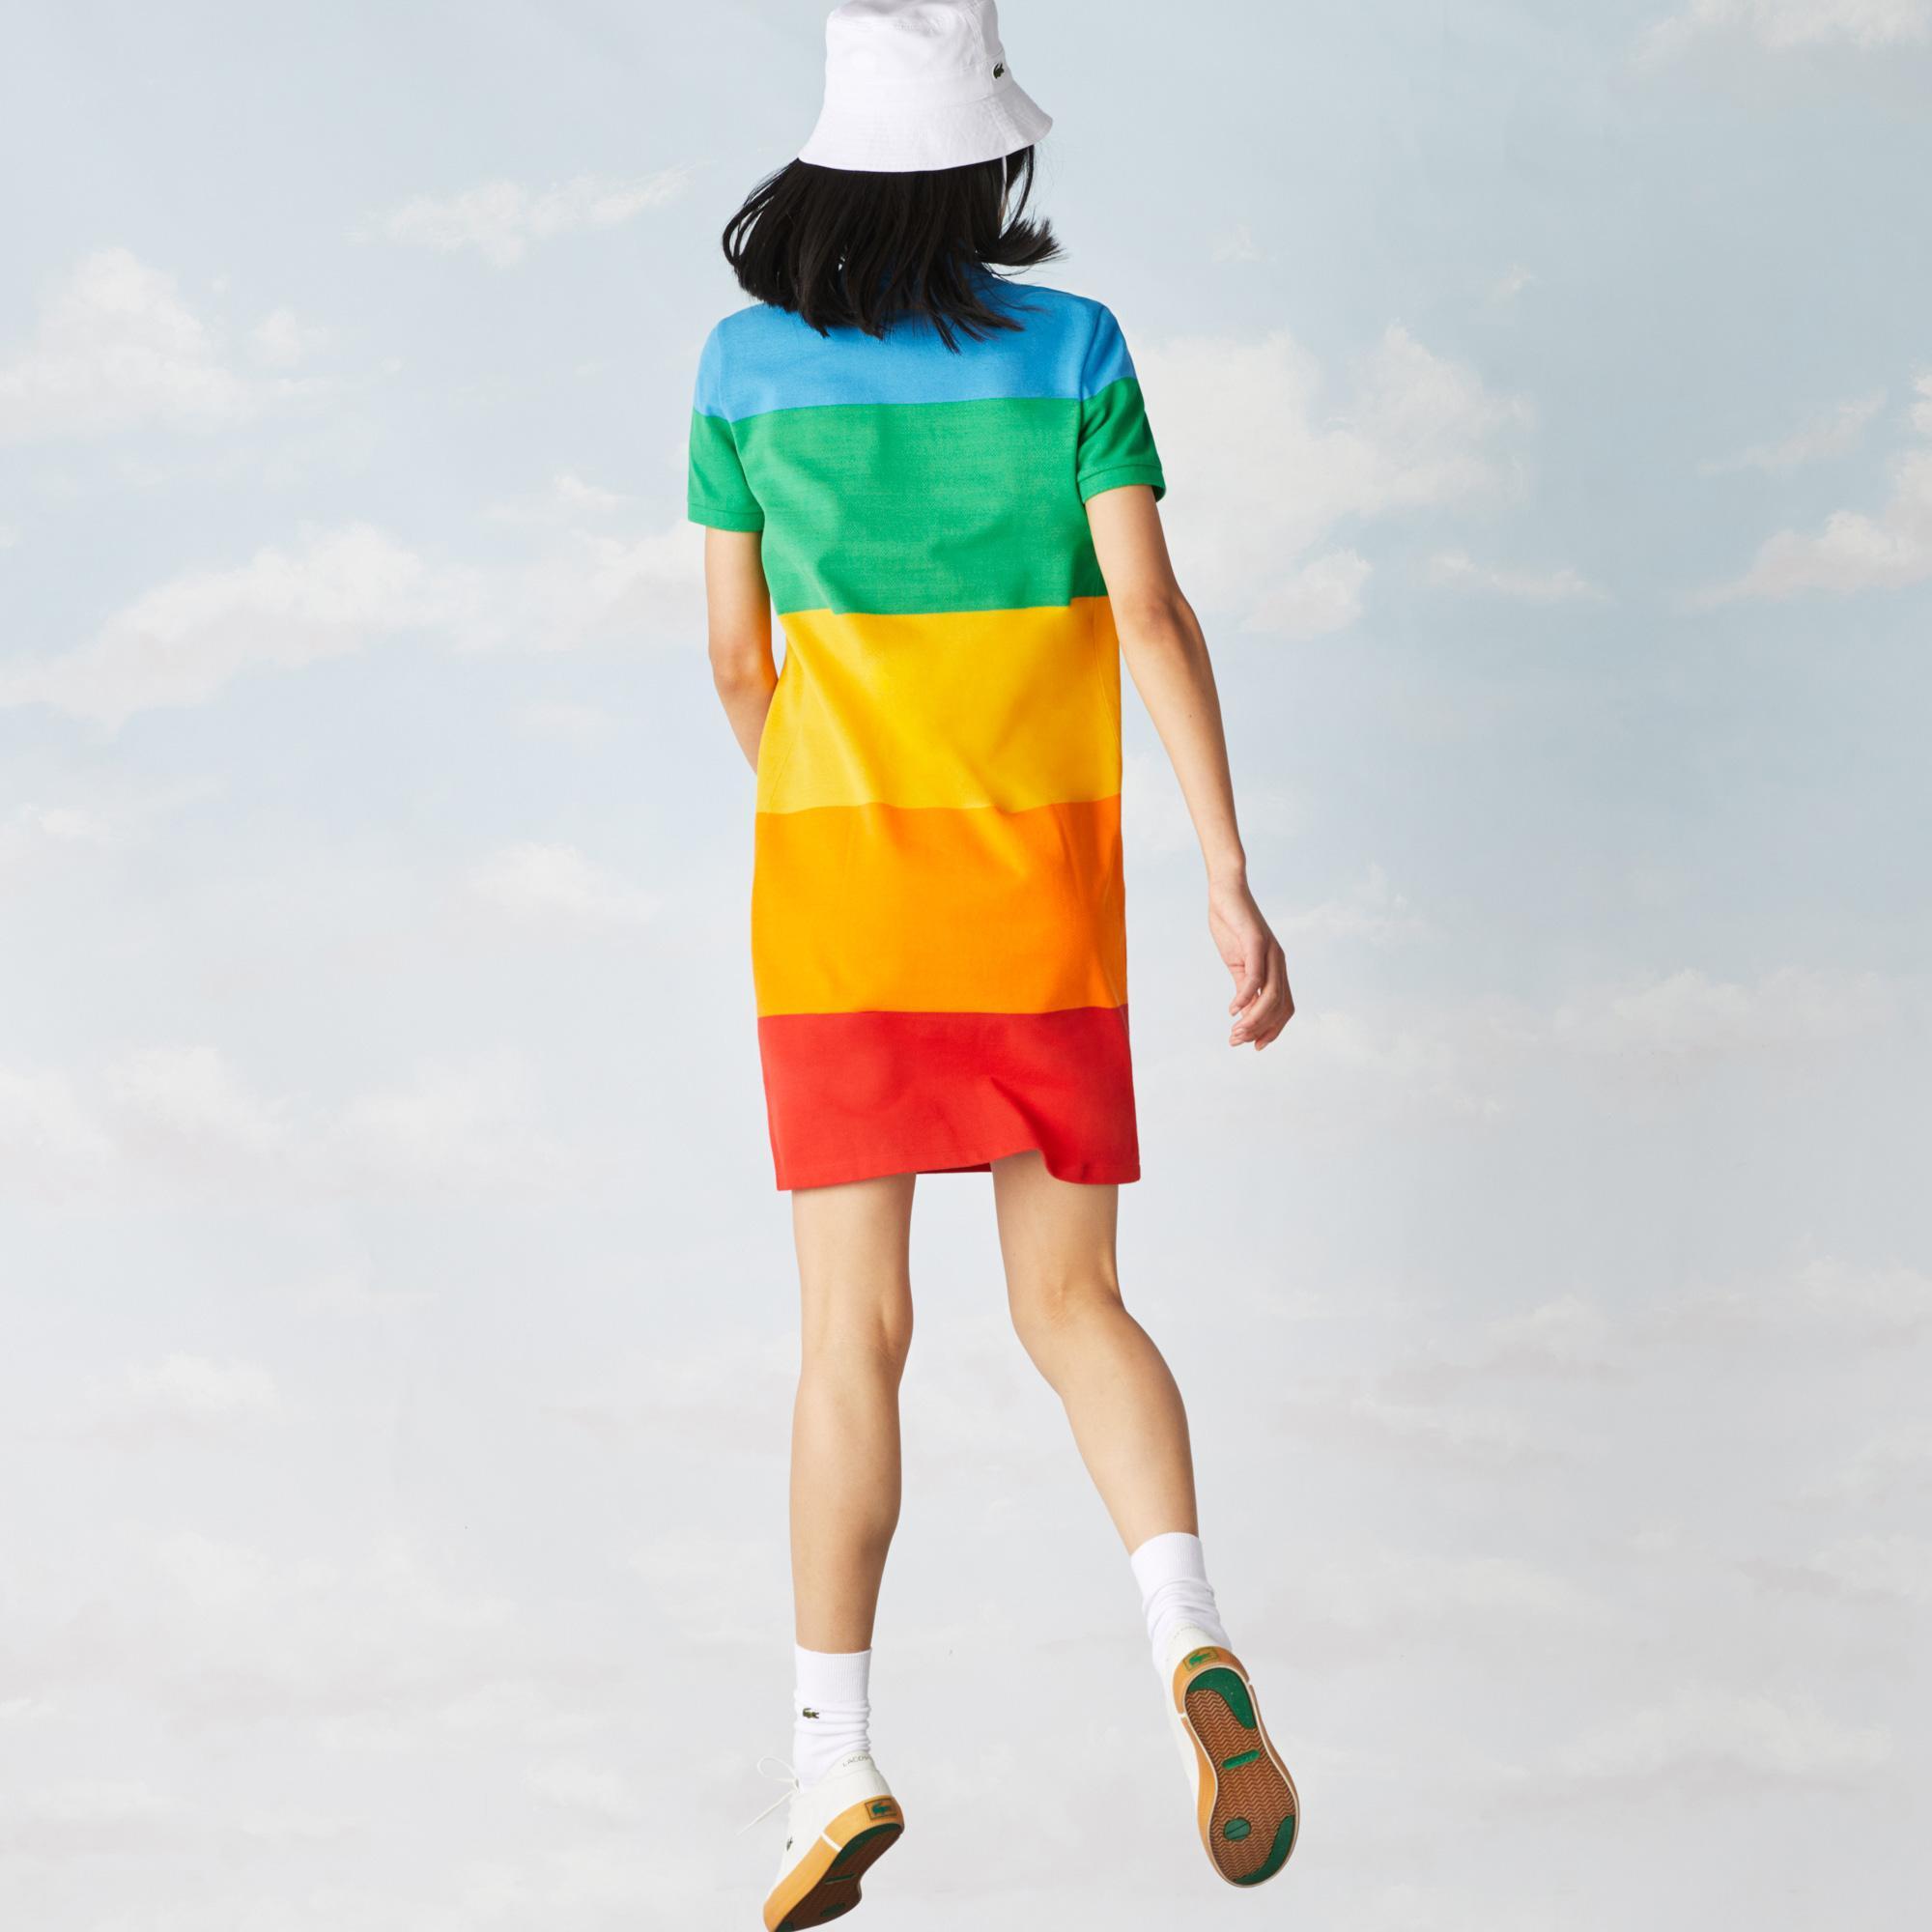 Lacoste X Polaroid Kadın Kısa Kollu Polo Yaka Renk Bloklu Renkli Elbise